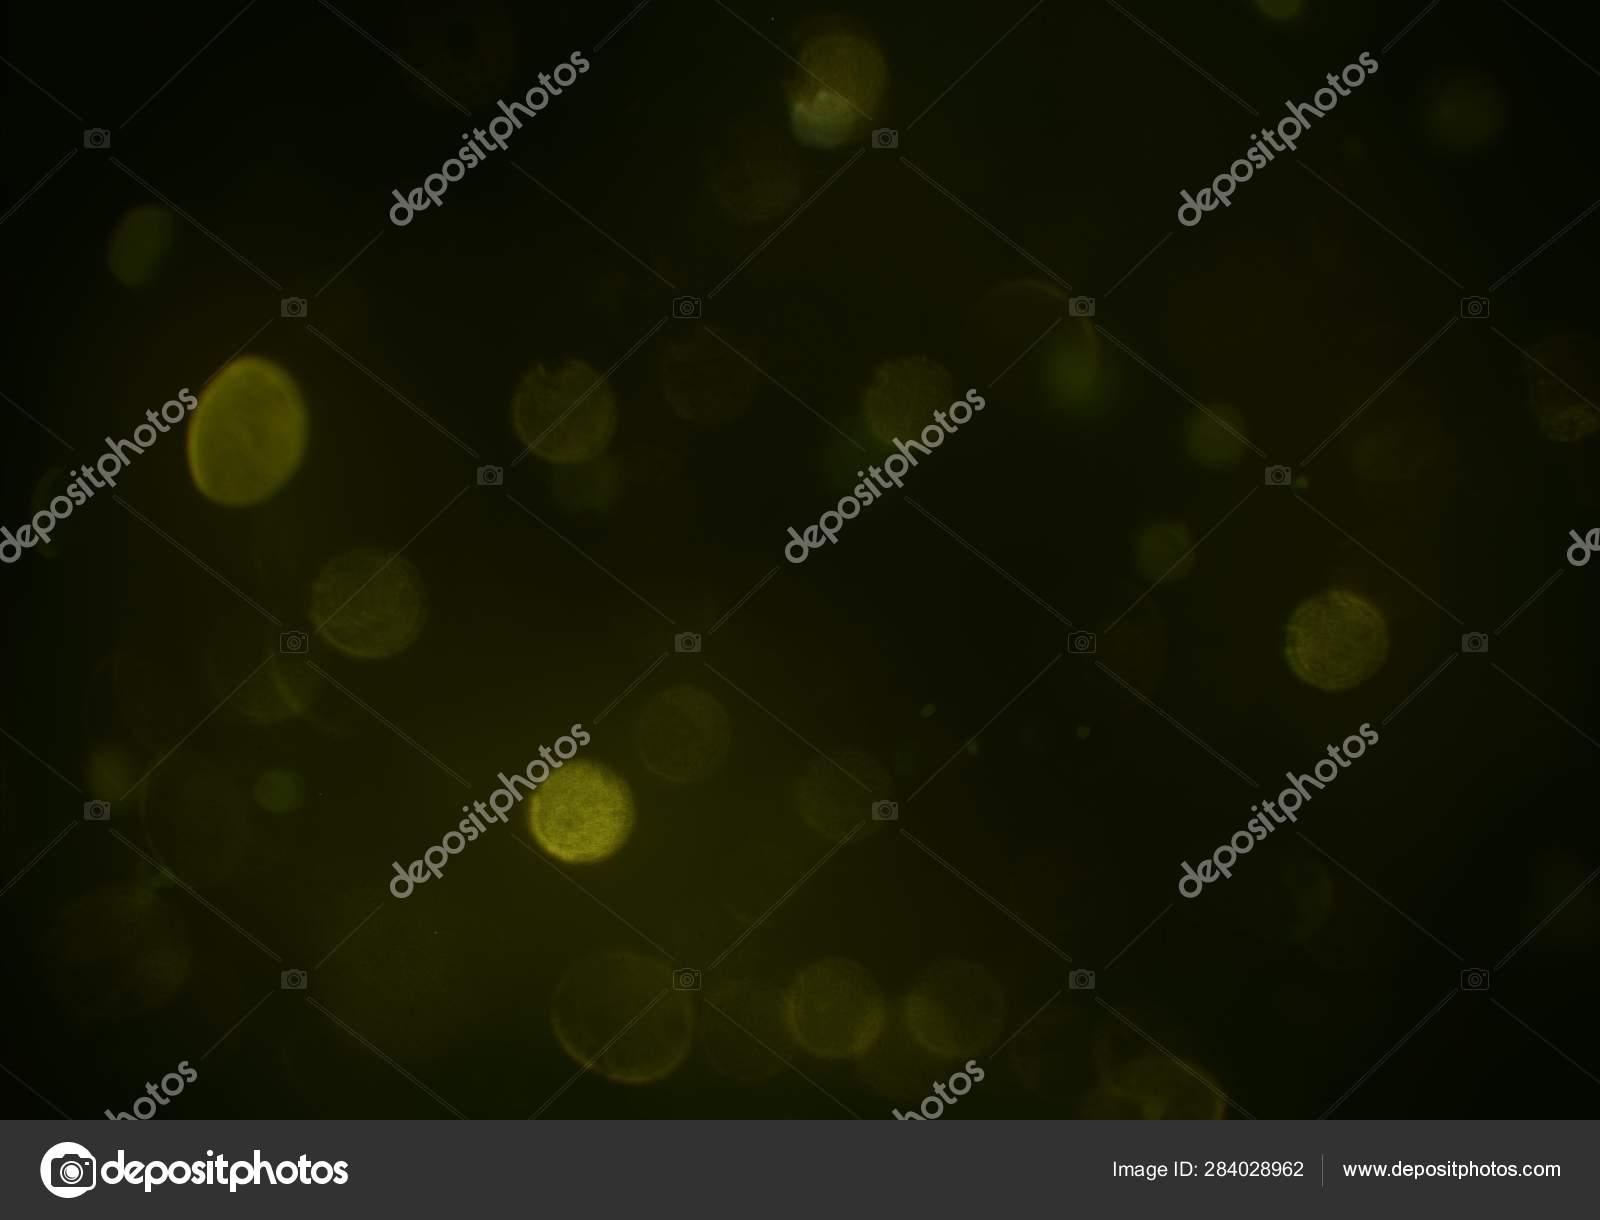 光沢のあるボケライトを備えたデジタル壁紙 ストック写真 C Nordenworks Gmail Com